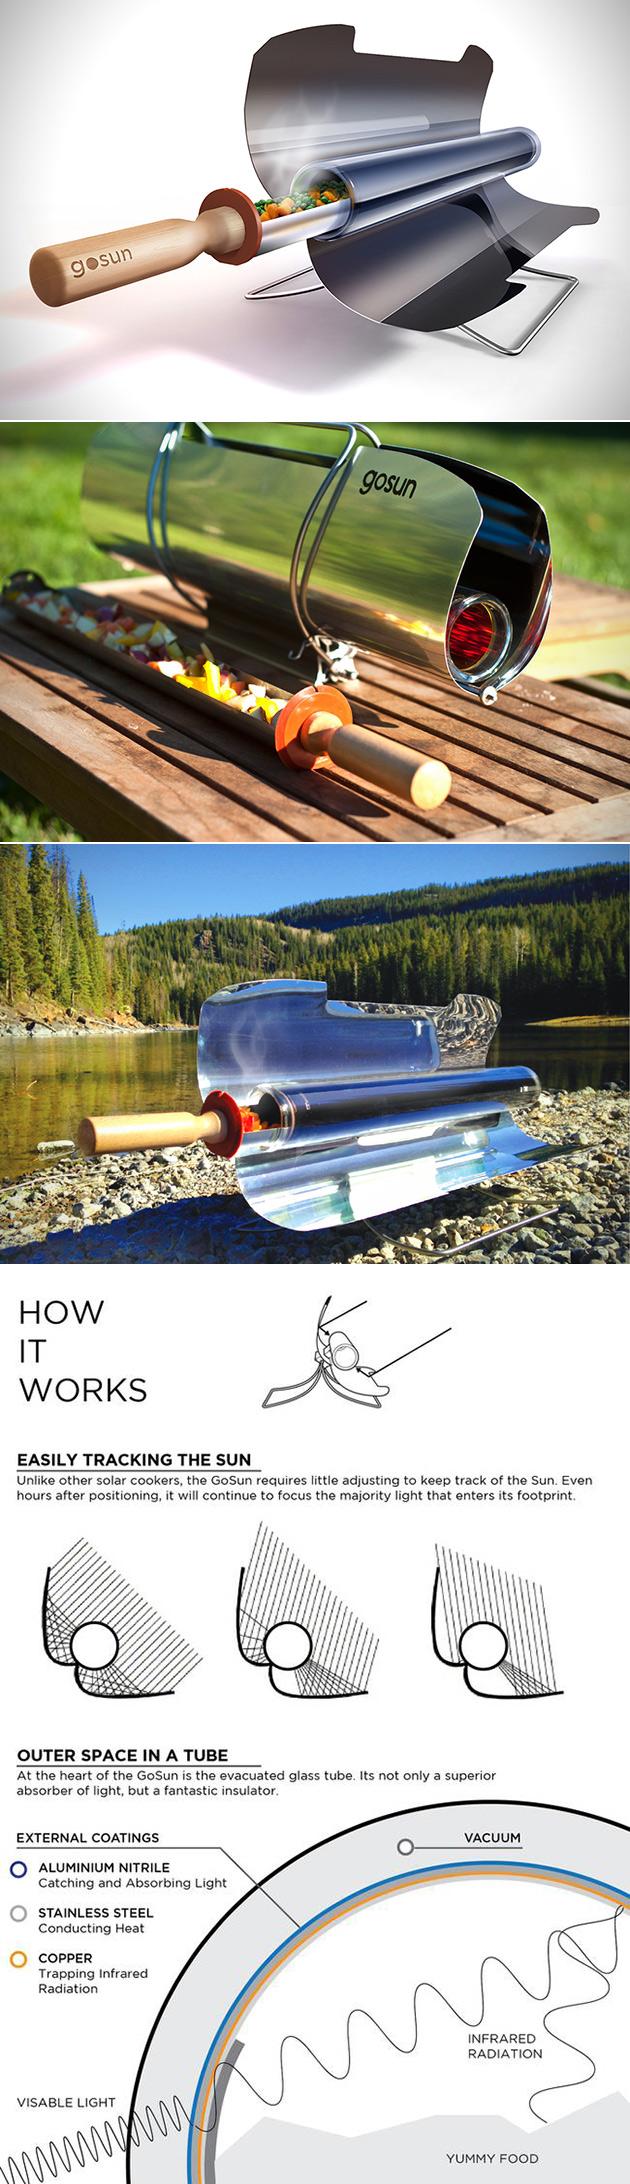 gosun-portable-solar-cooker-stove